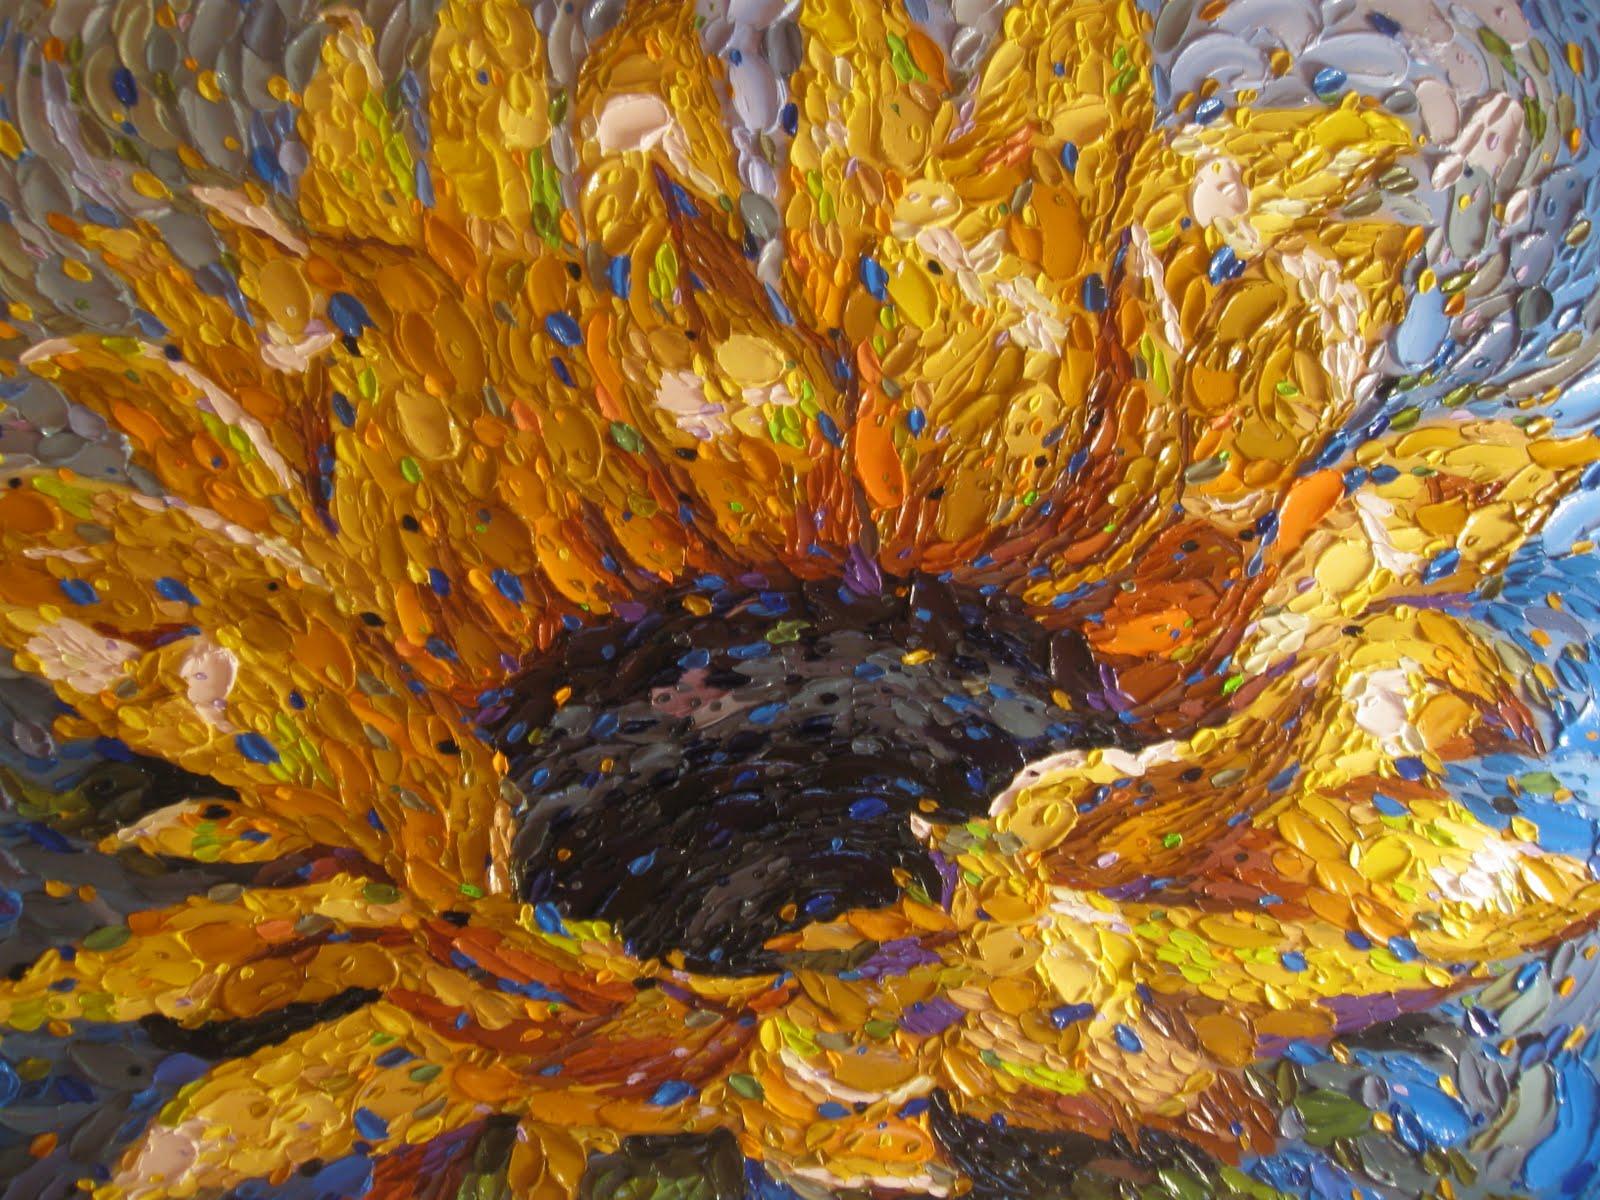 6+Tollefson,+Dena+Sunflower+VI+36x48+2009+Oil+on+Canvas.JPG